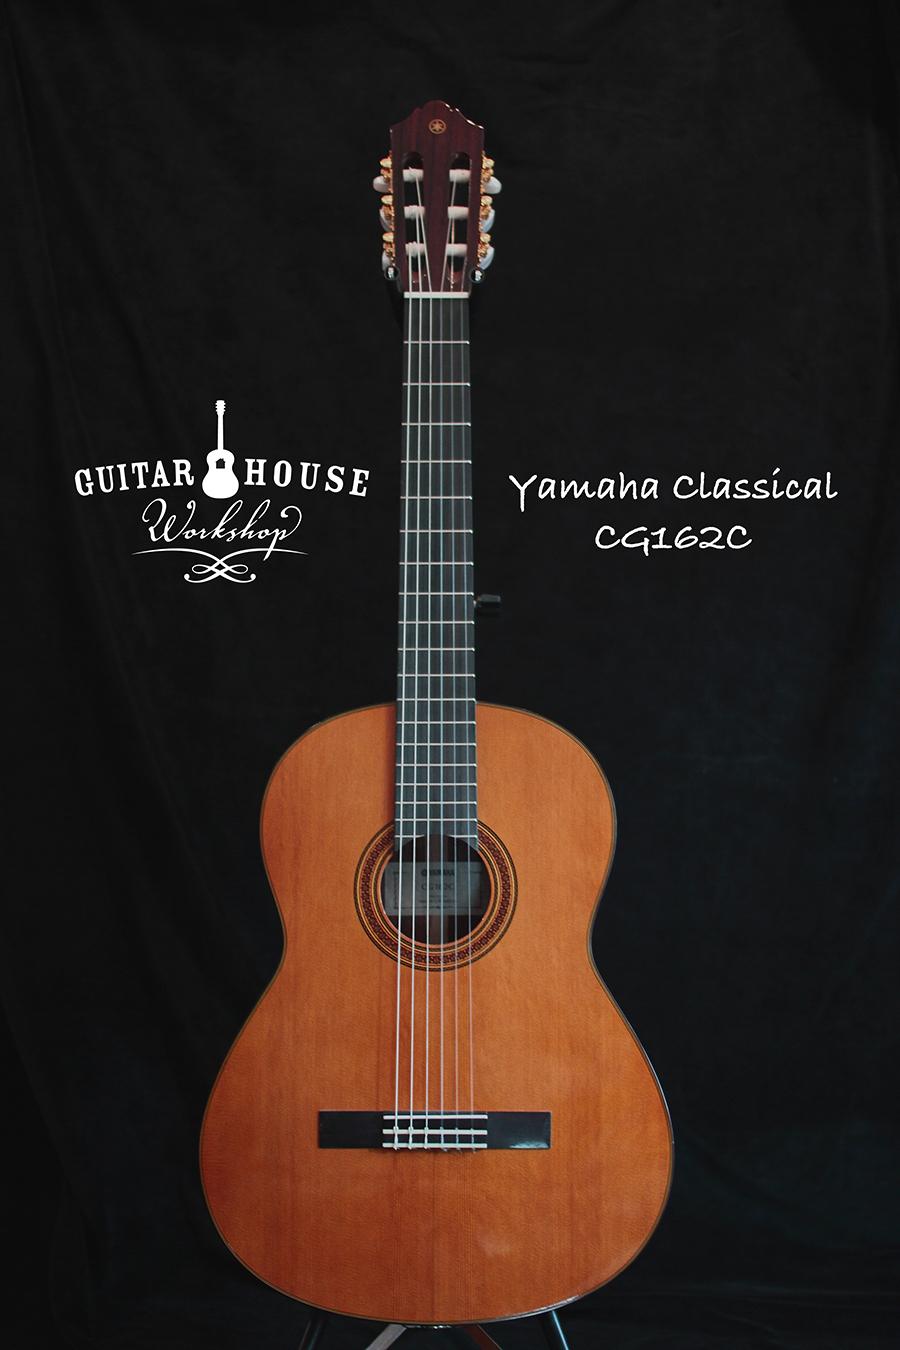 Yamaha CG162C $395.99